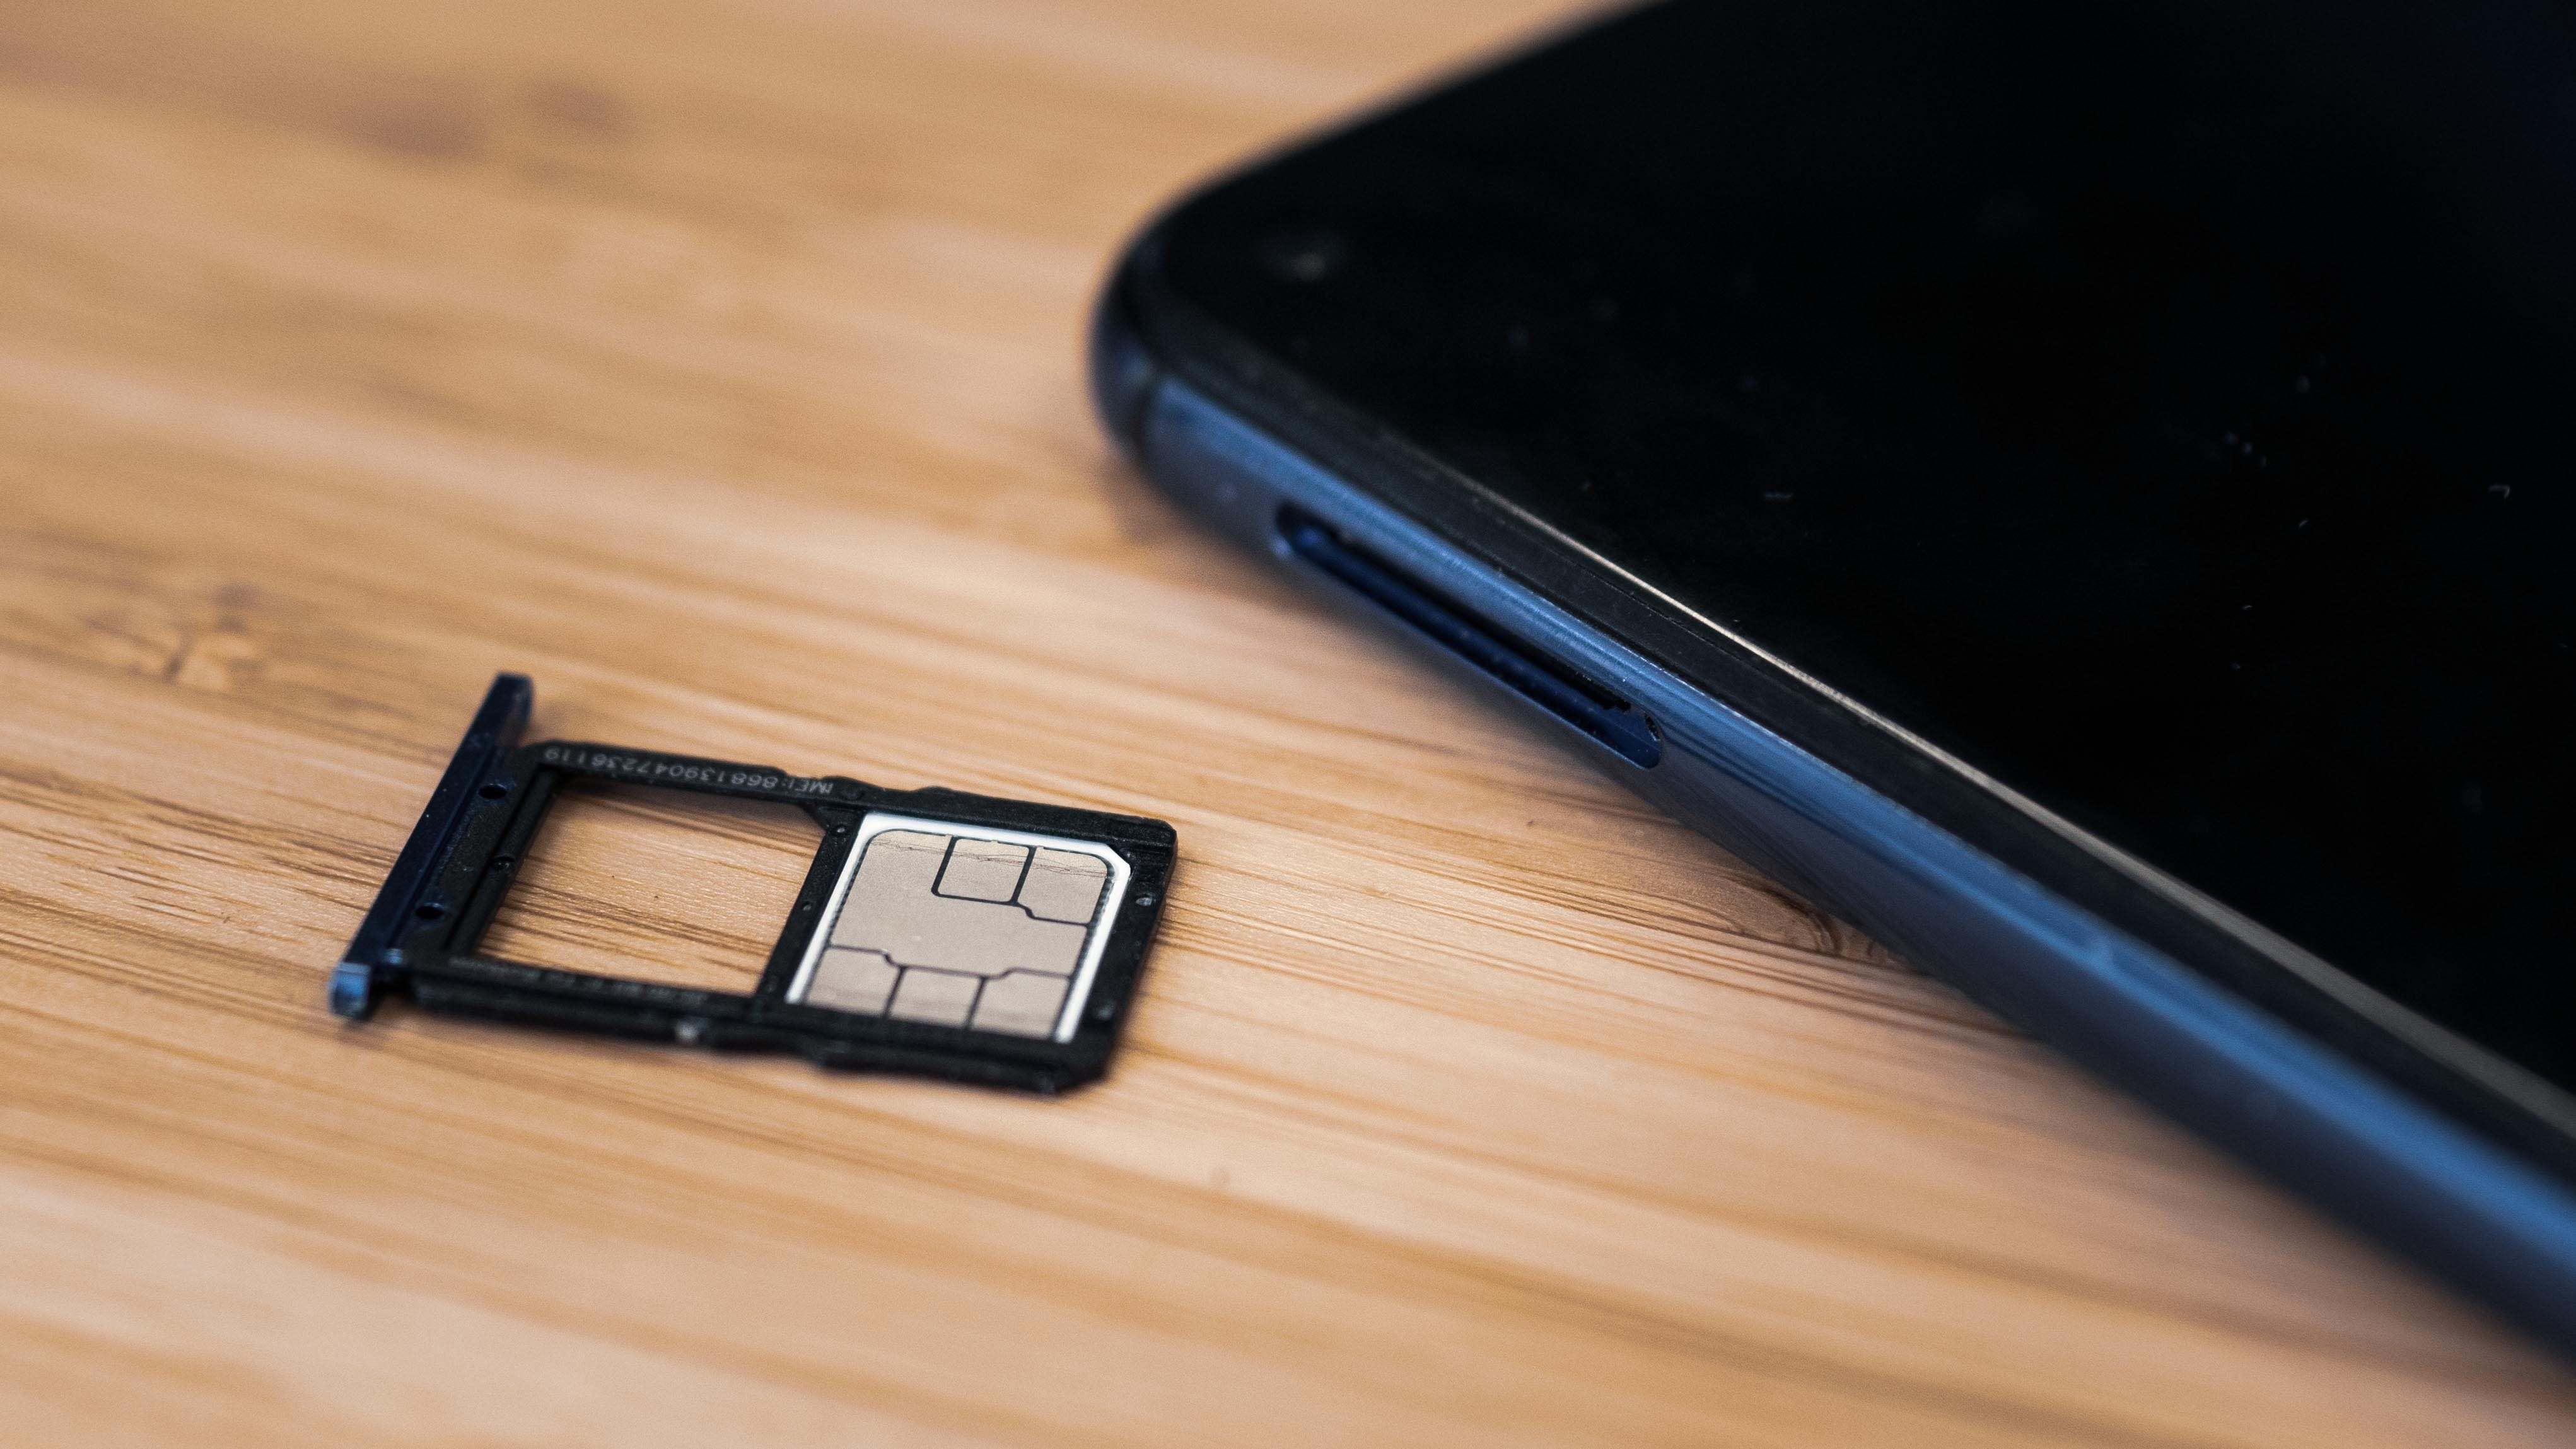 Les cybercriminels utilisent des cartes SIM capables d'imiter n'importe quel numéro